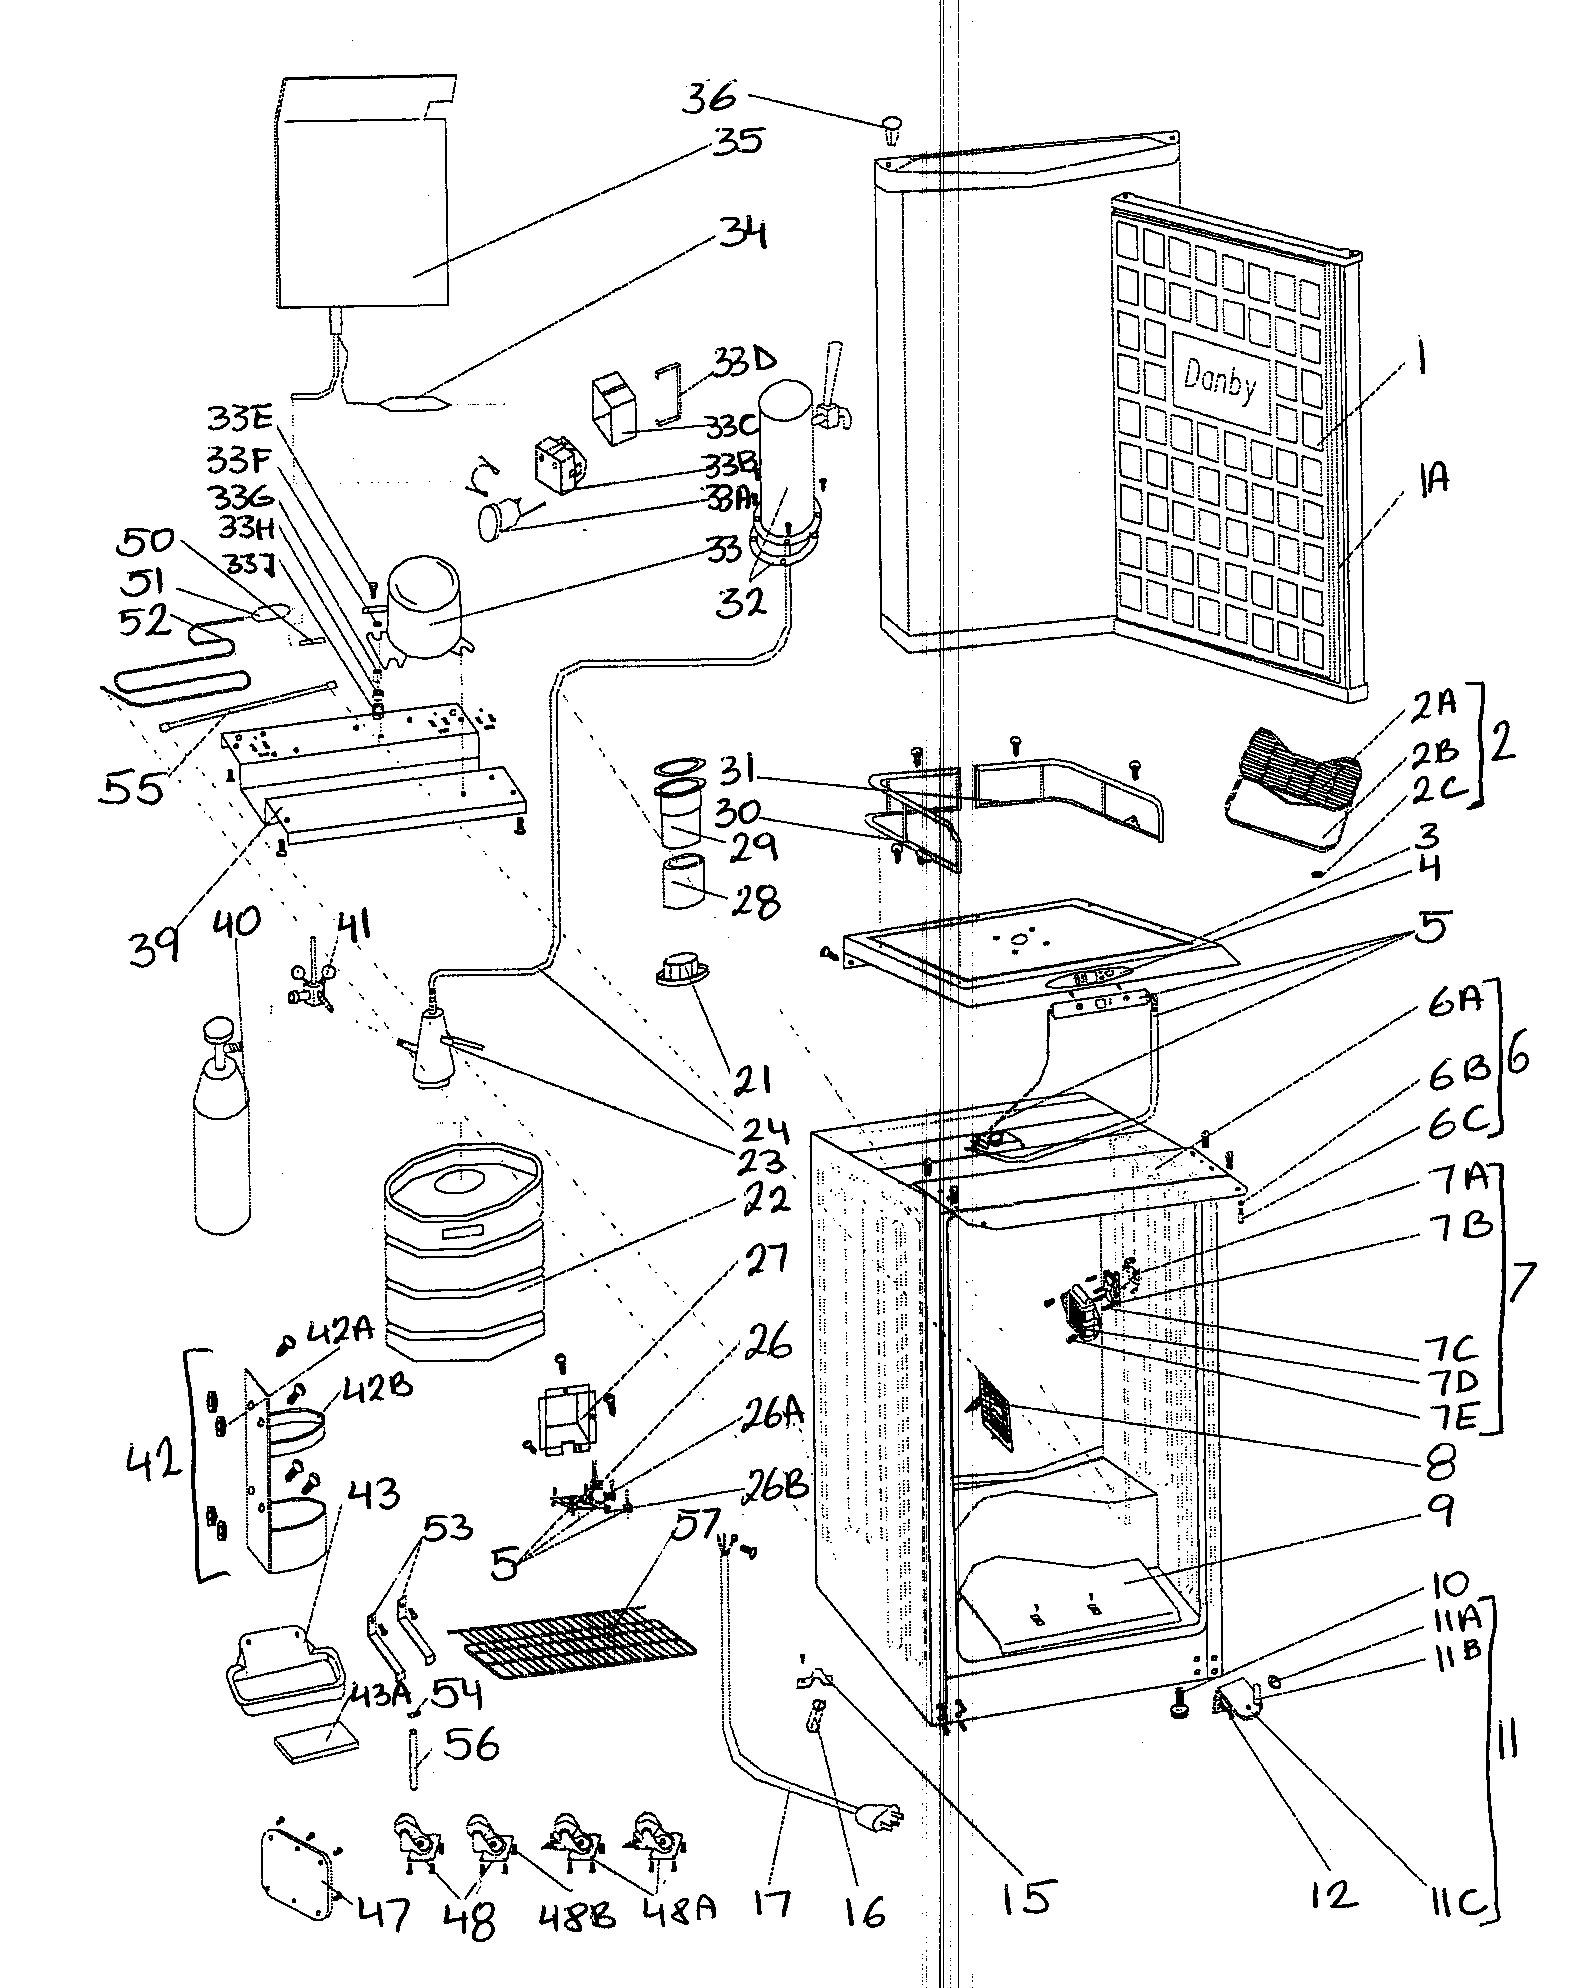 Danby Kegerator Parts Diagram Looking for Danby Model Dkc586bl Wine & Beverage Cooler Repair Of Danby Kegerator Parts Diagram